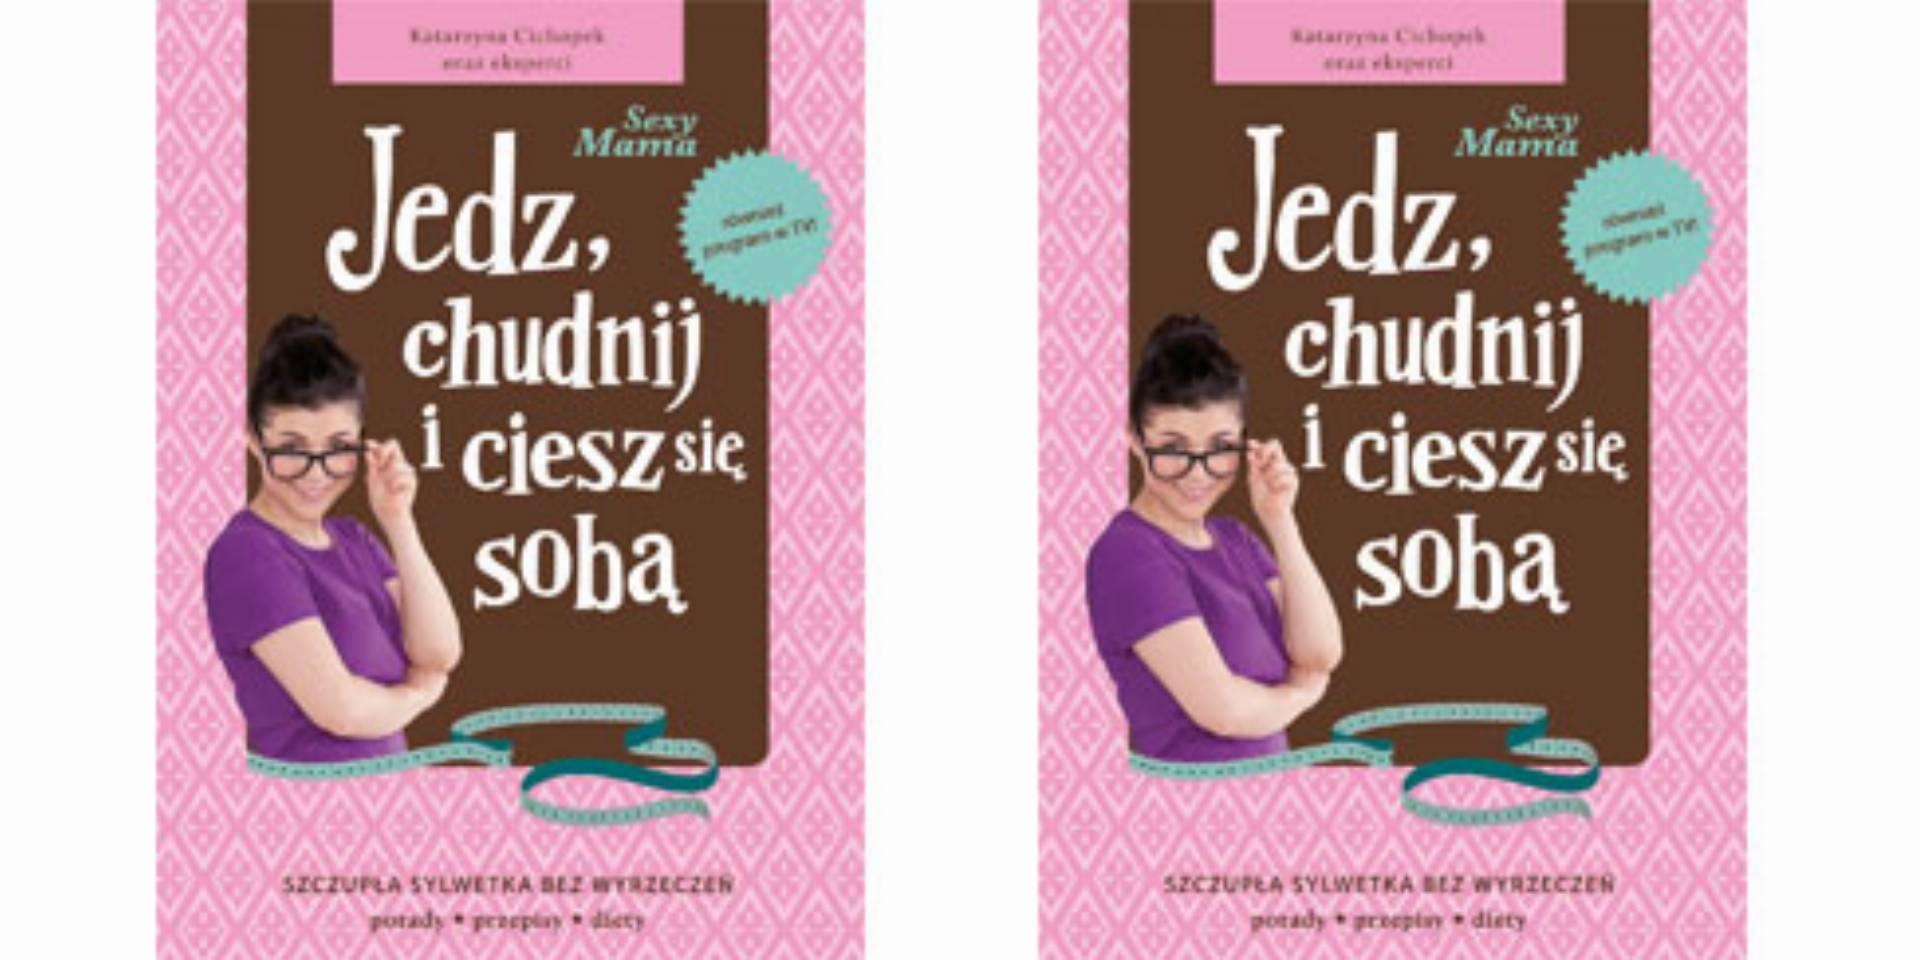 Katarzyna-Cichopek-Jedz-chudnij-i-ciesz-sie-soba2